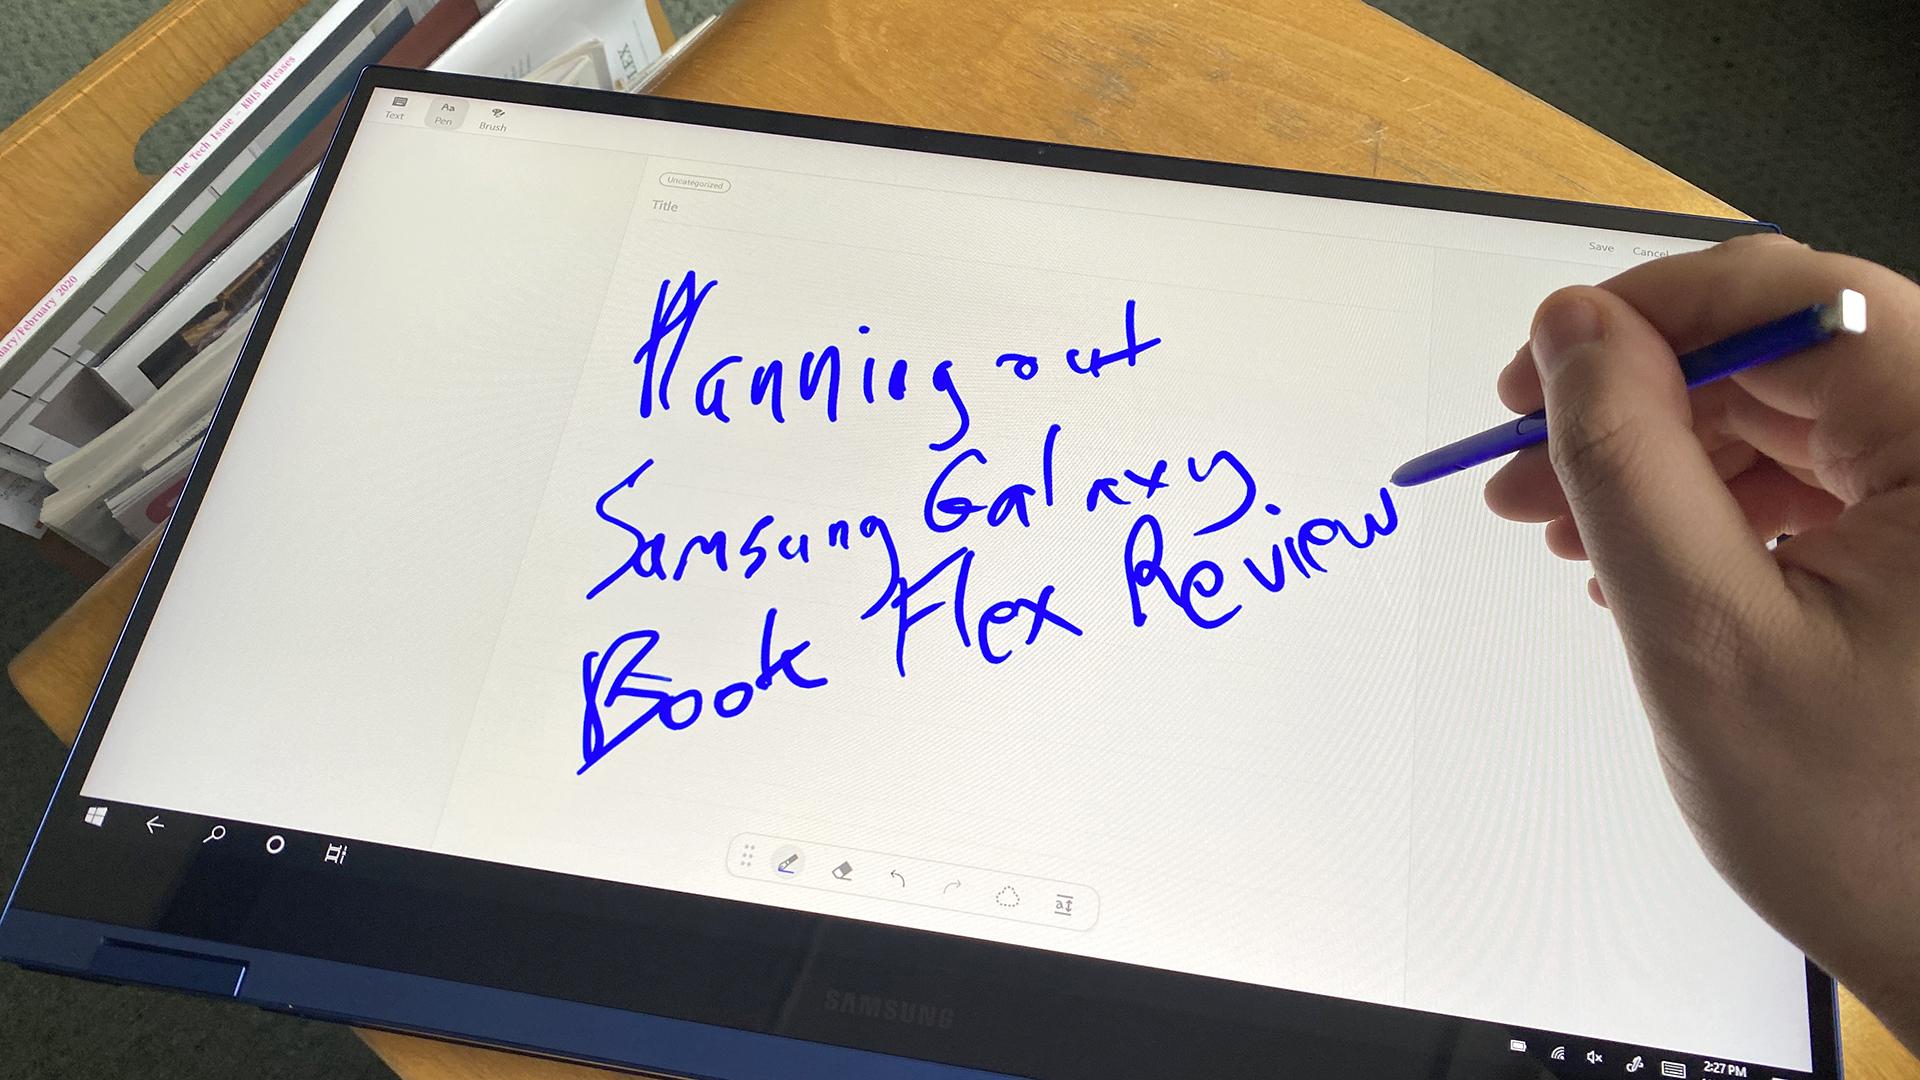 best touchscreen laptops: Samsung Galaxy Book Flex